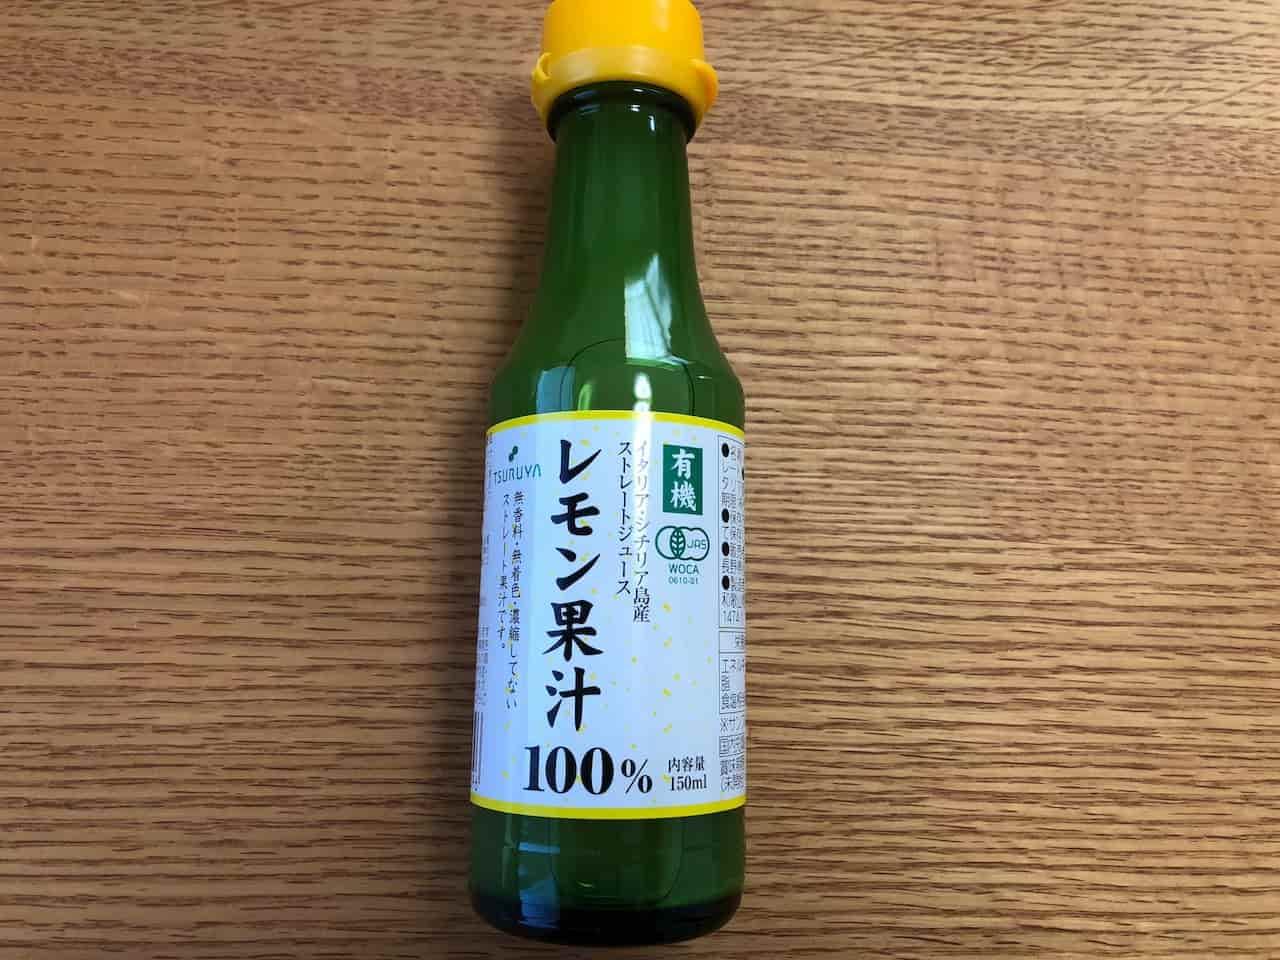 ツルヤのレモン果汁100%